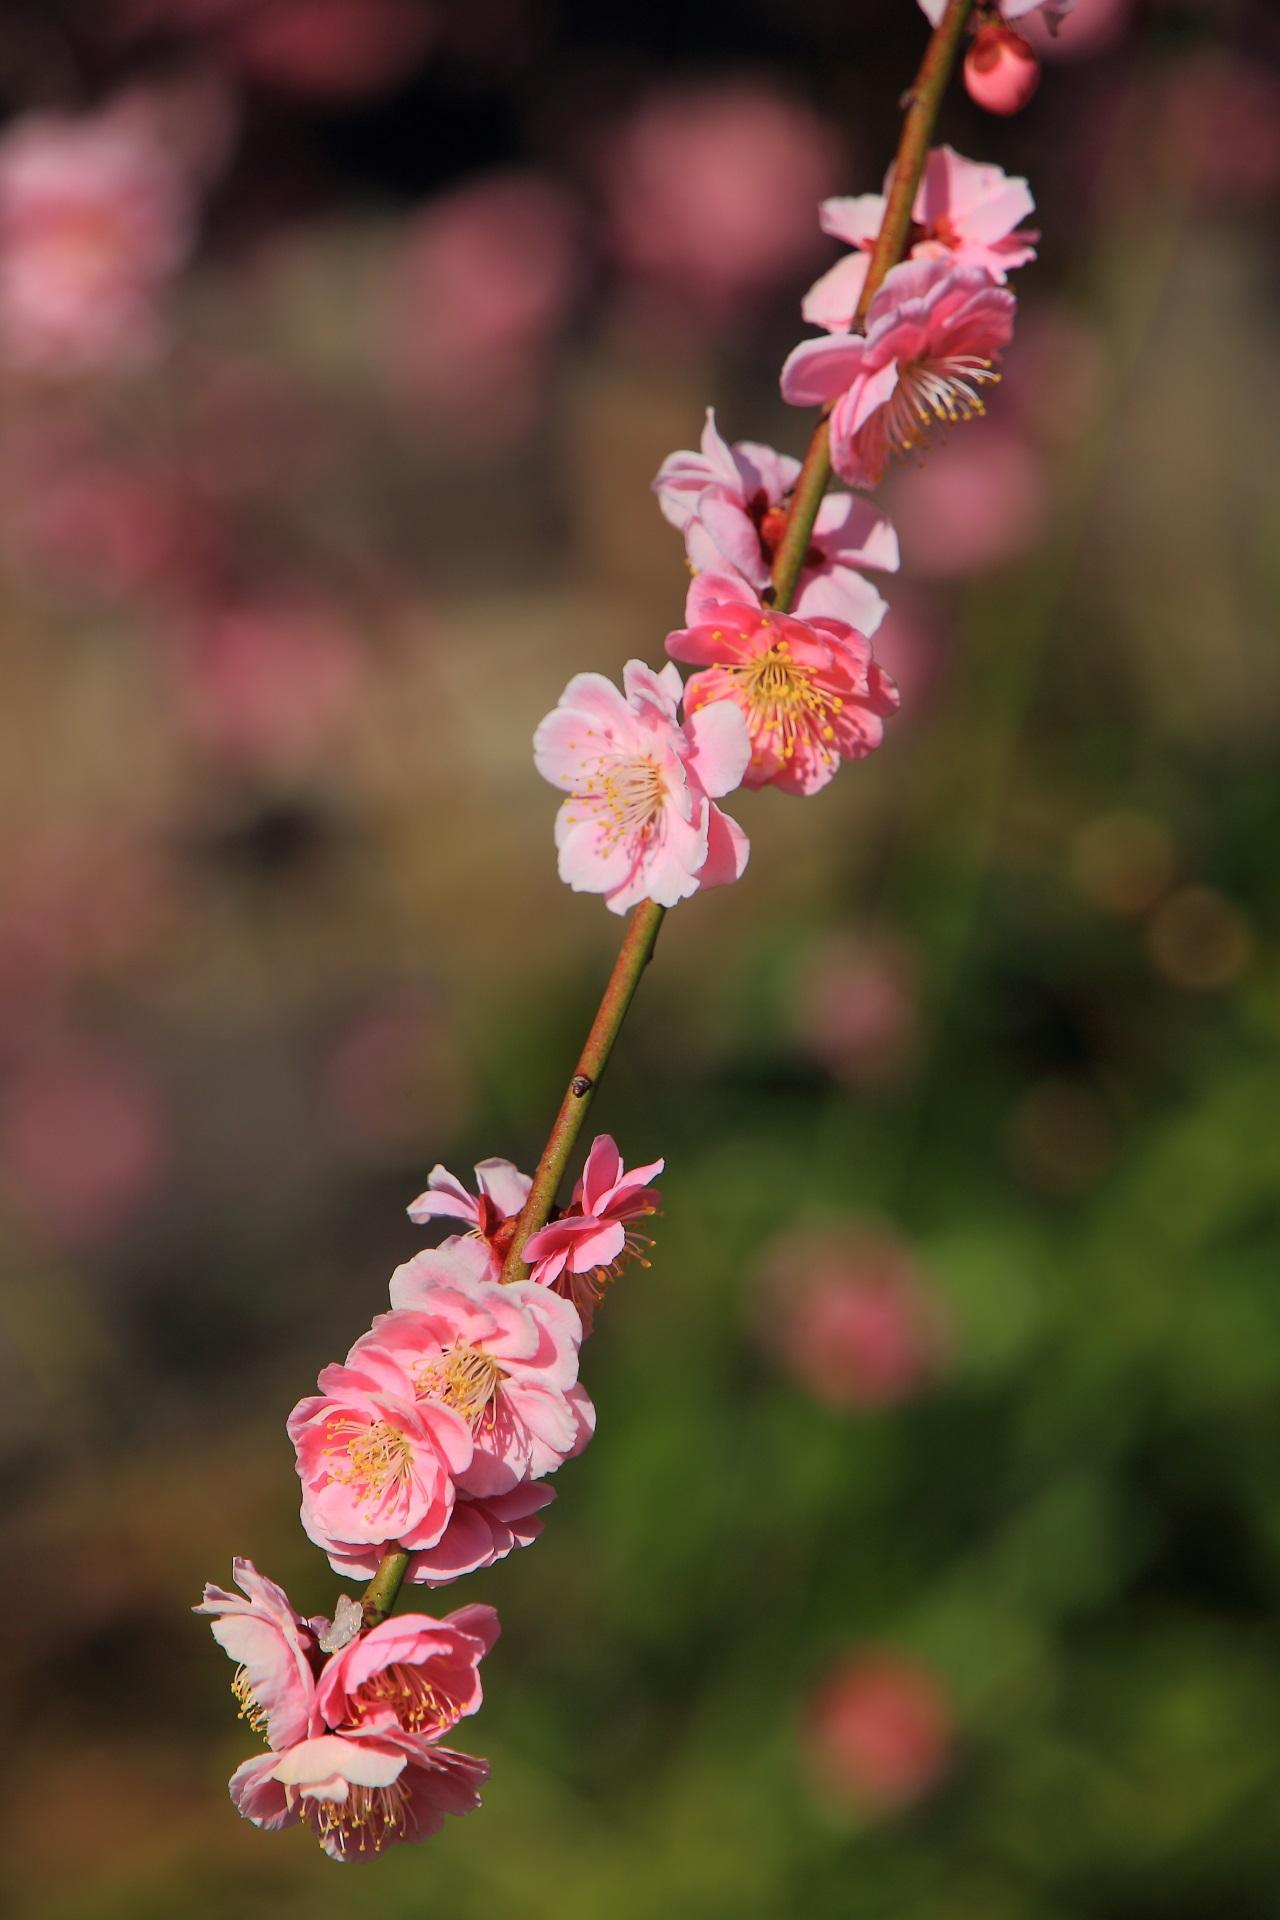 花ごとに色合いが微妙に異なる芸術的な梅の花